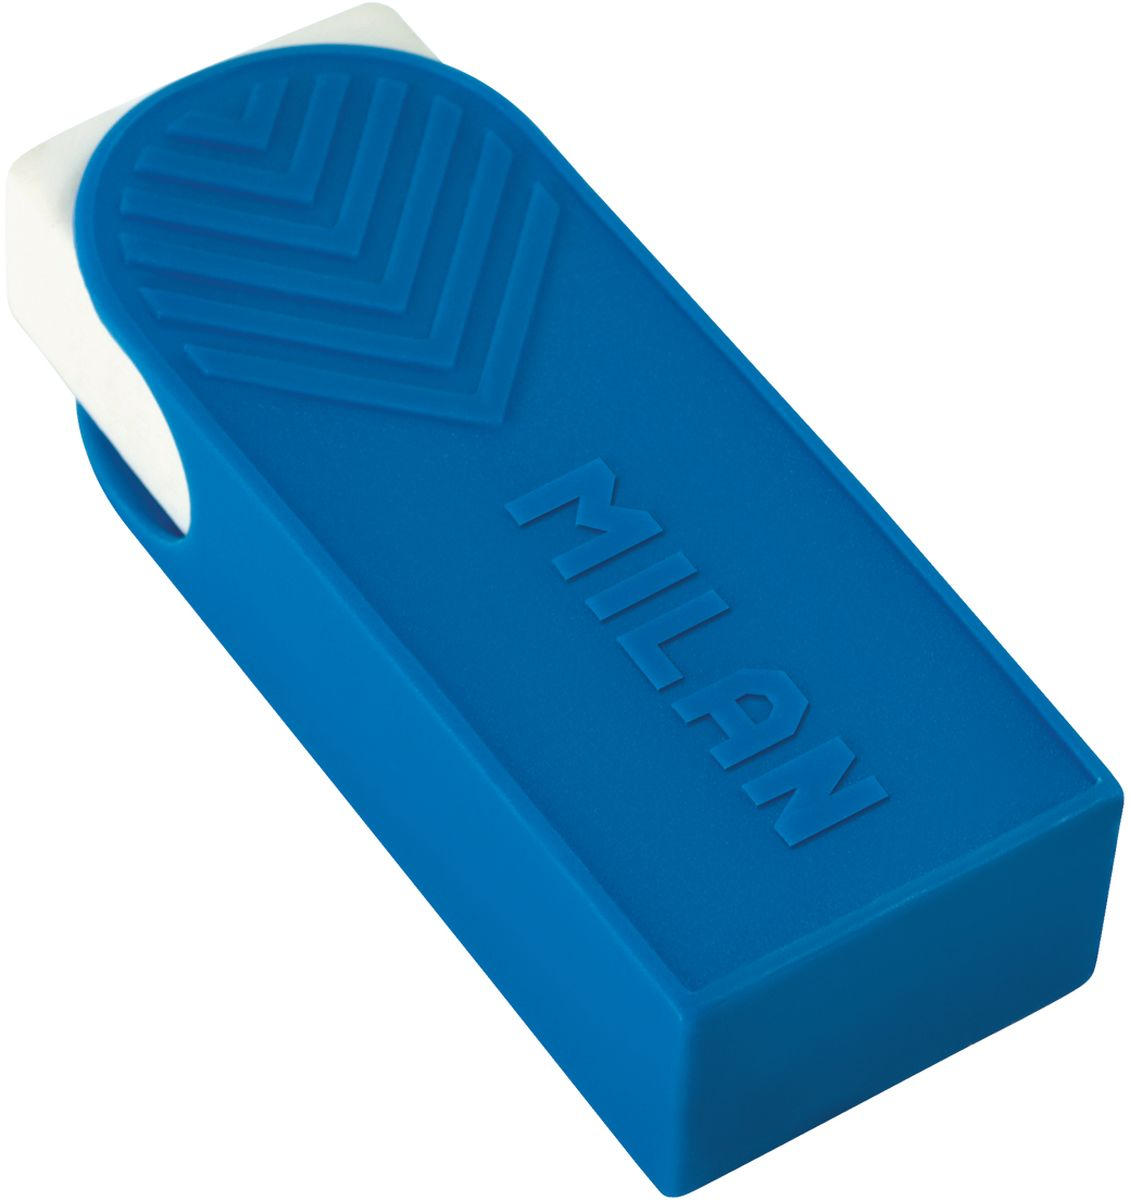 Milan Ластик A1 прямоугольныйPR_00120Ластик Milan A1 - это одно из лучших предложений для профессиональных задач. Ластик великолепно стирает все виды особо мягких и специальных художественных карандашей, включая сангину и уголь. Изготовлен из натурального каучука с добавлением синтетического пластификатора, что гарантирует великолепные абсорбционные свойства. Удобный держатель из пластика.